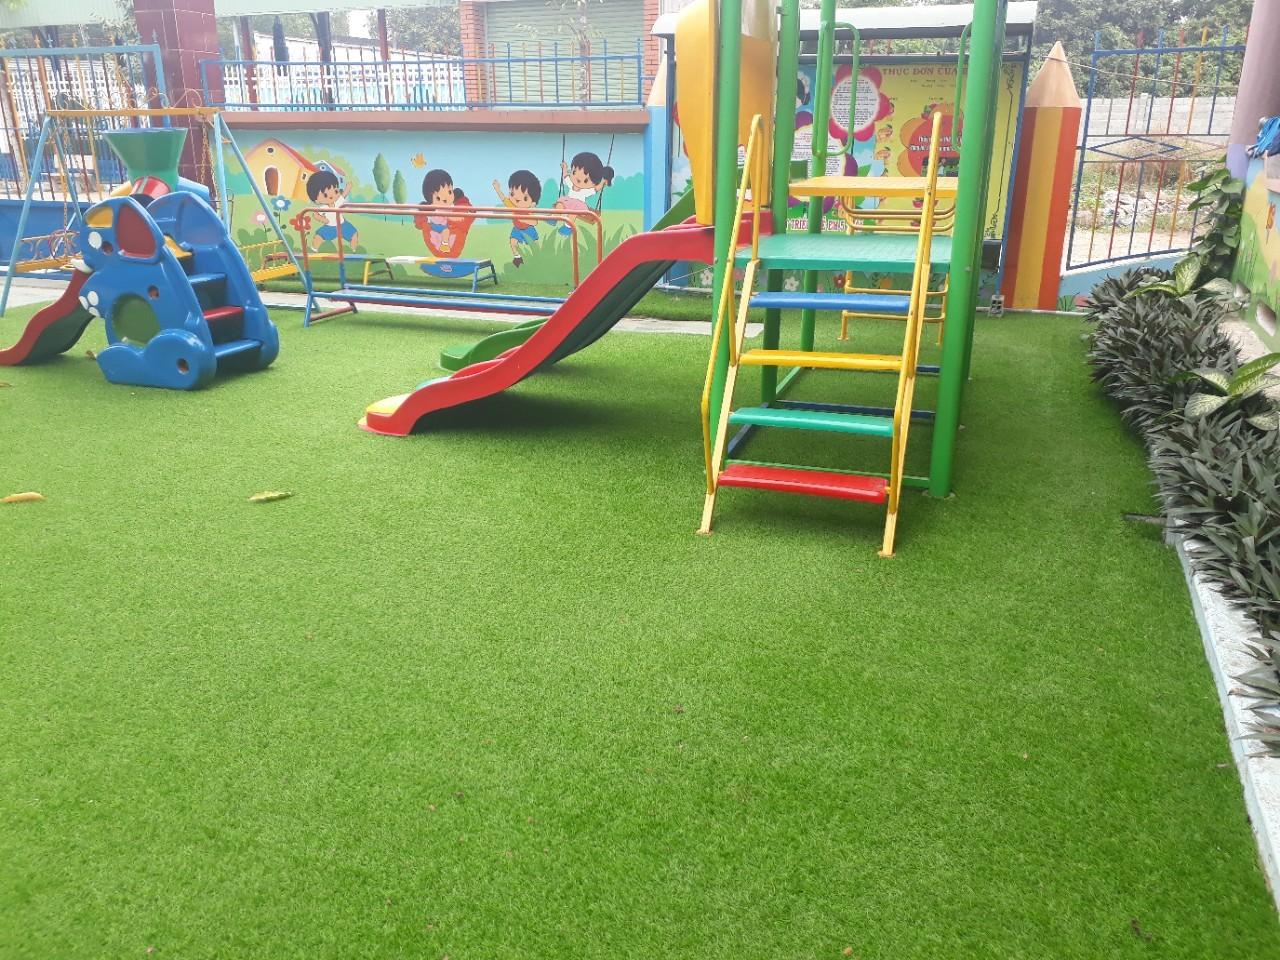 Gợi ý những mẫu thiết kế sân trường mầm non đẹp cho trẻ em